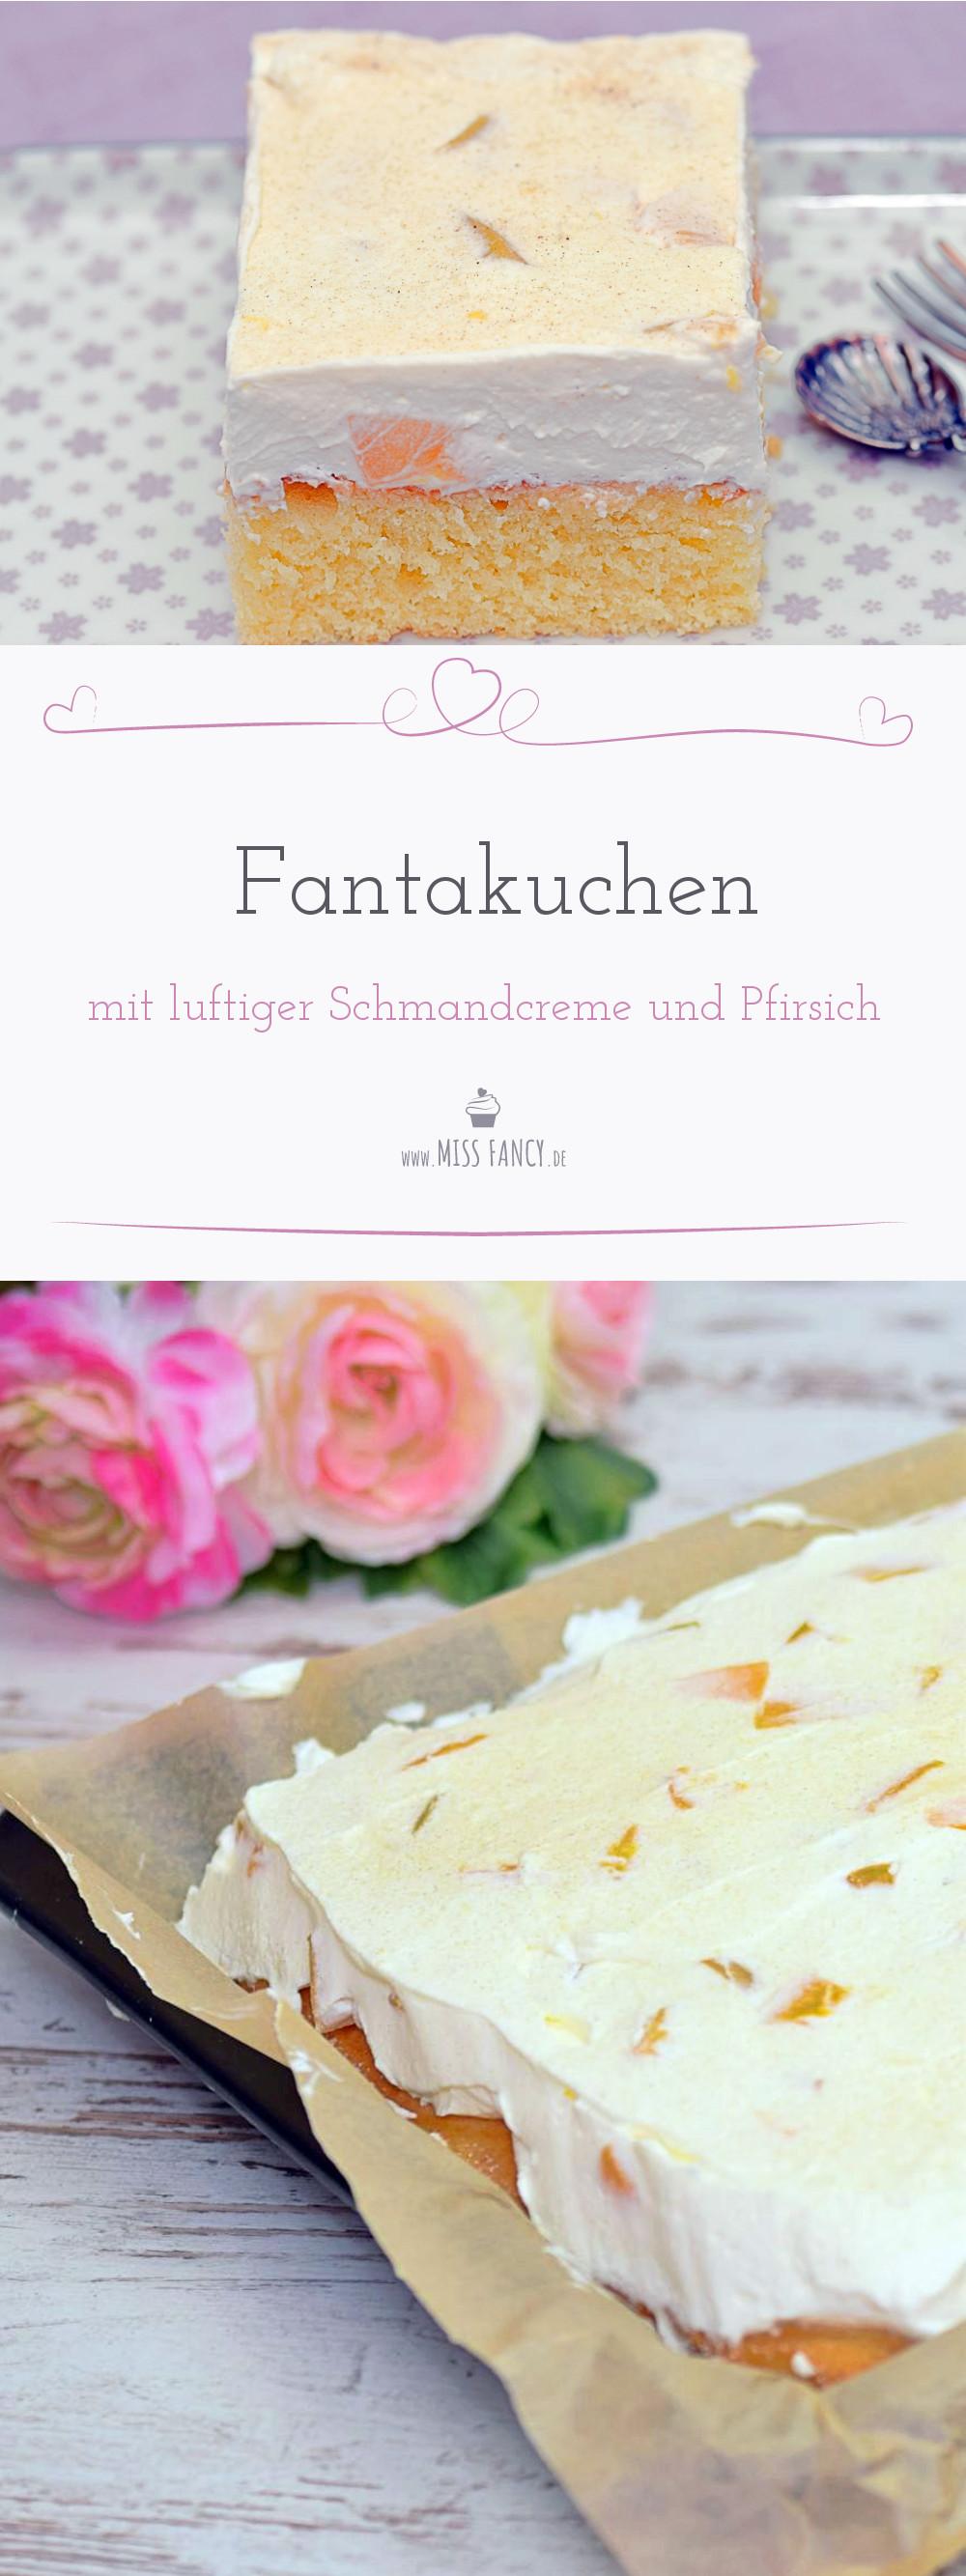 Rezept-Fantakuchen-Klassiker-Missfancy